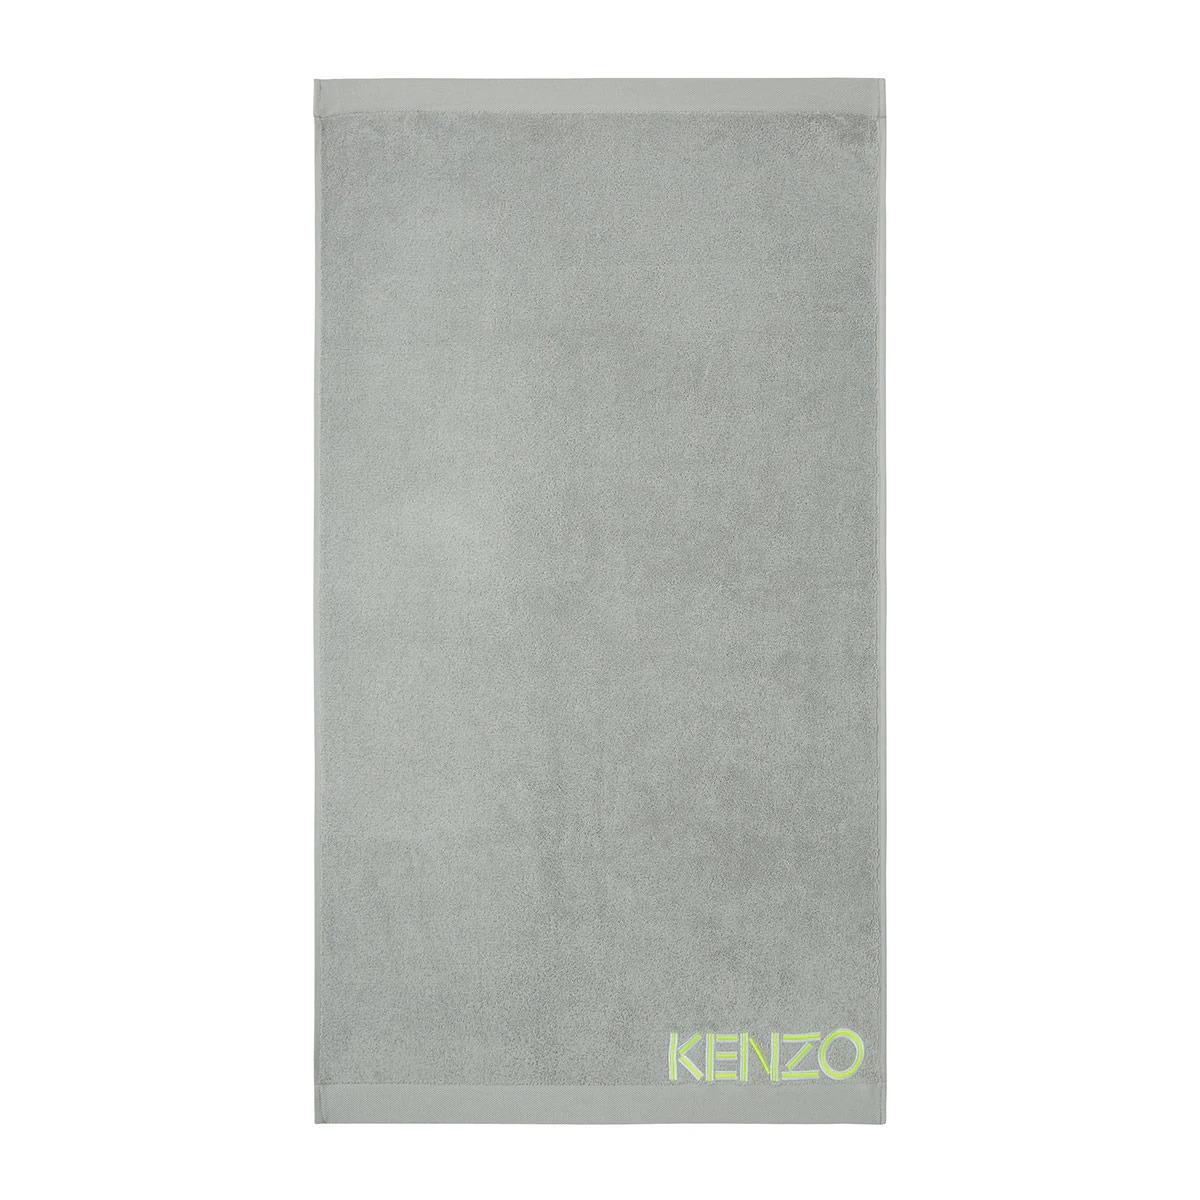 KENZO Toalla de baño Iconic Kenzo